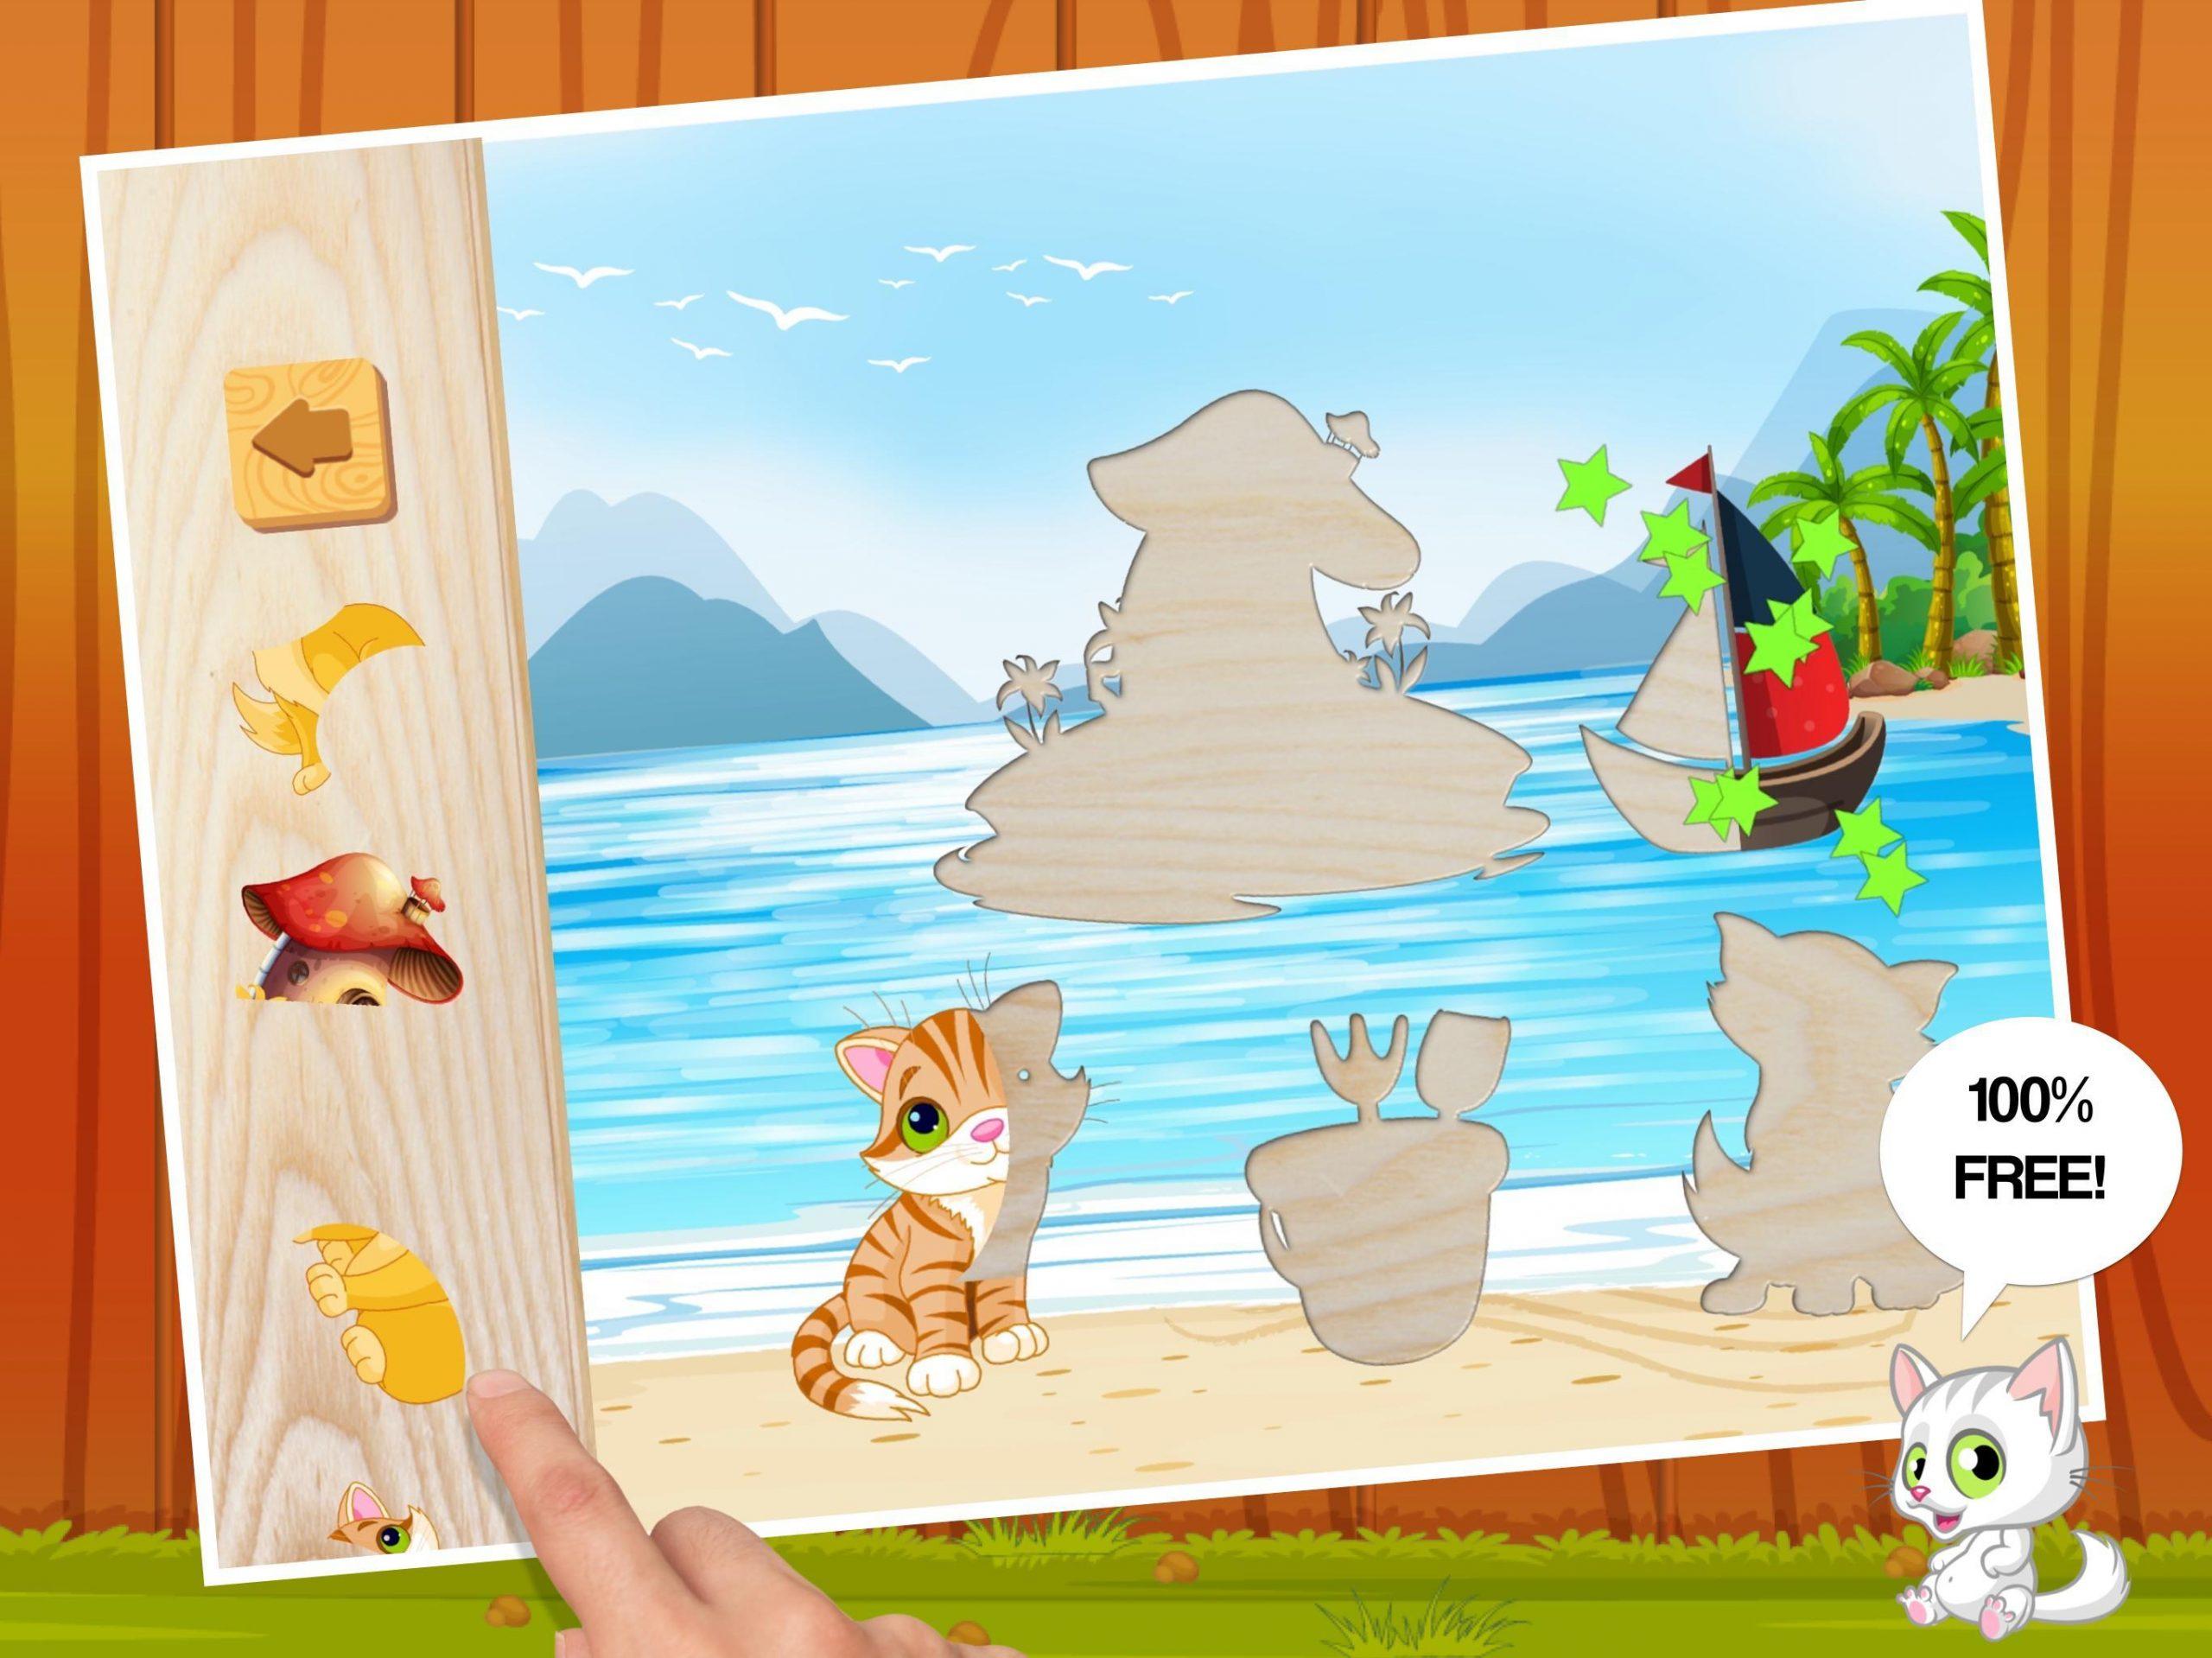 Chat Mignon - Jeux Puzzle Pour Enfants Facile Pour Android concernant Puzzle Gratuit Facile